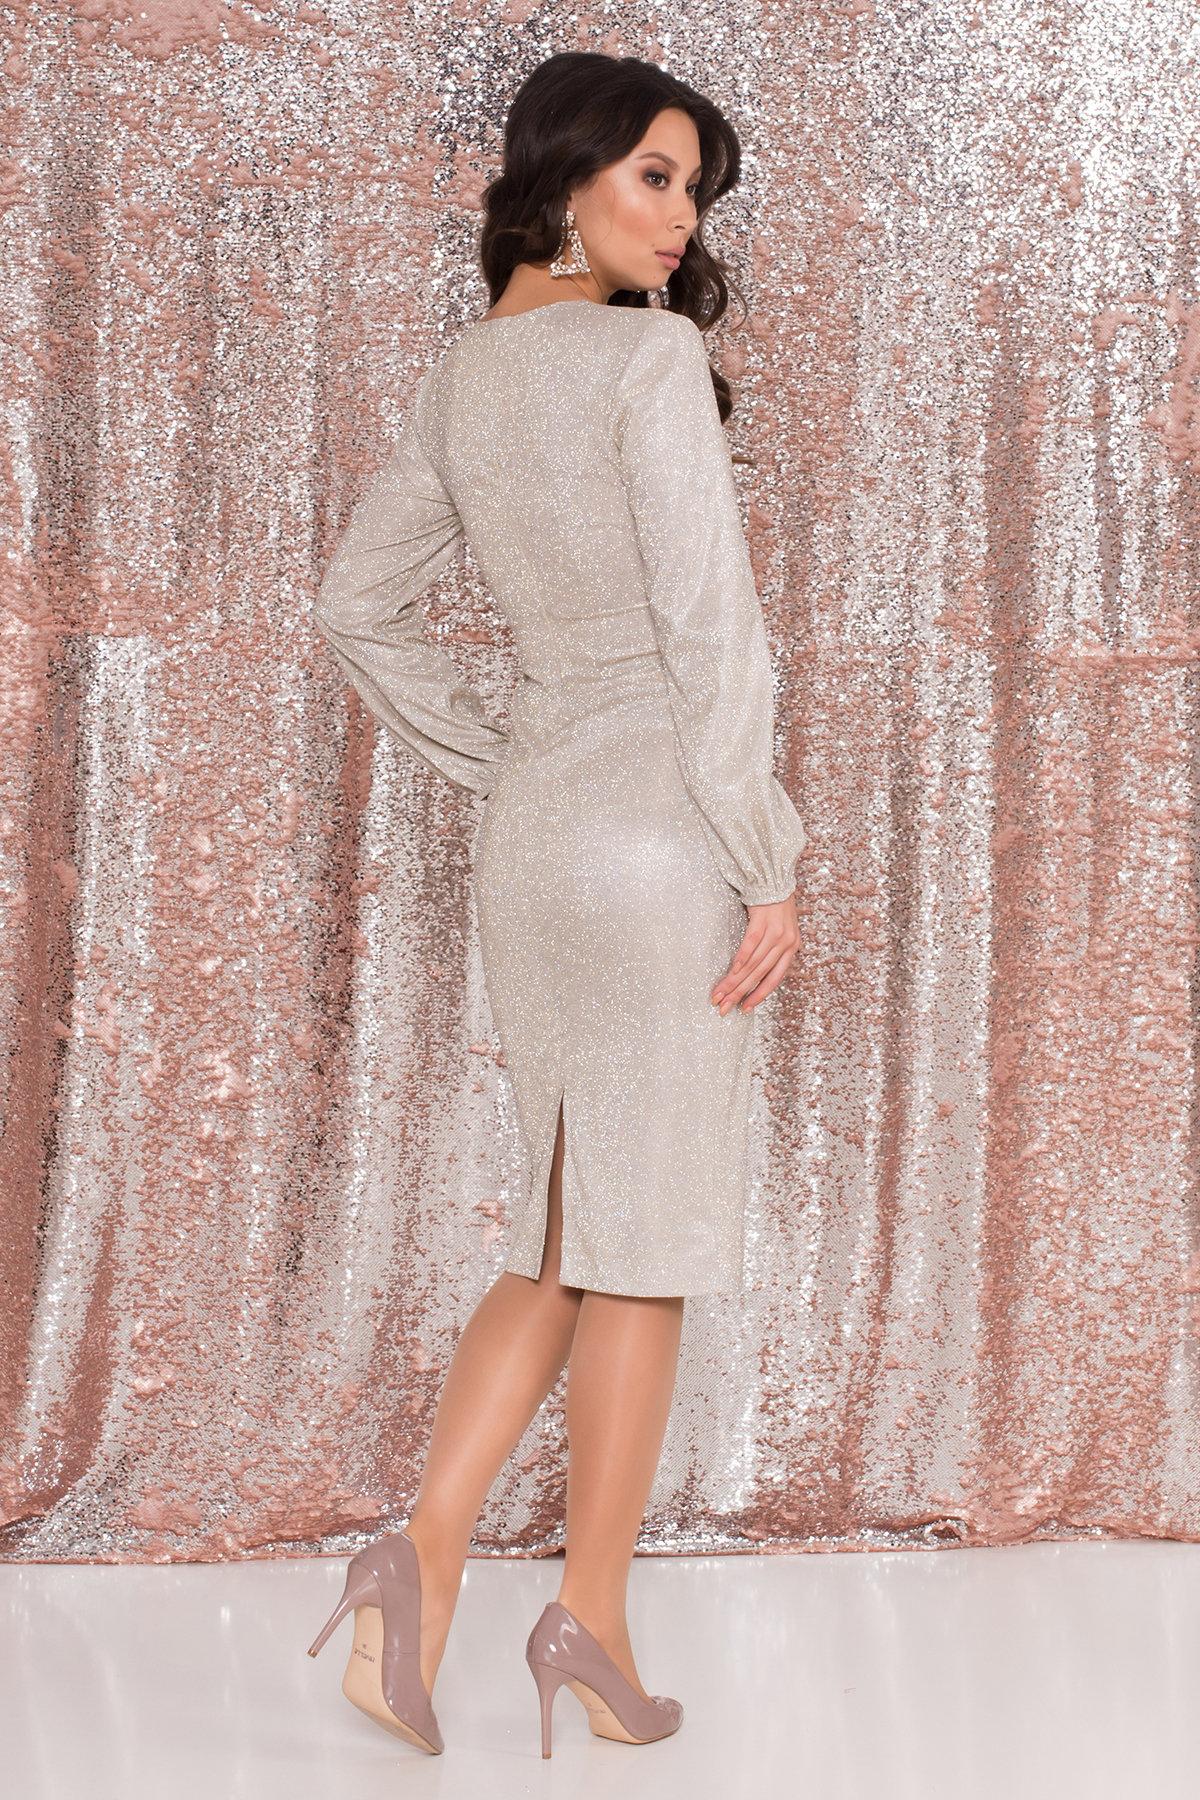 Нарядное платье с люрексом Фаселис 8527 АРТ. 44895 Цвет: Серебро/золото - фото 2, интернет магазин tm-modus.ru